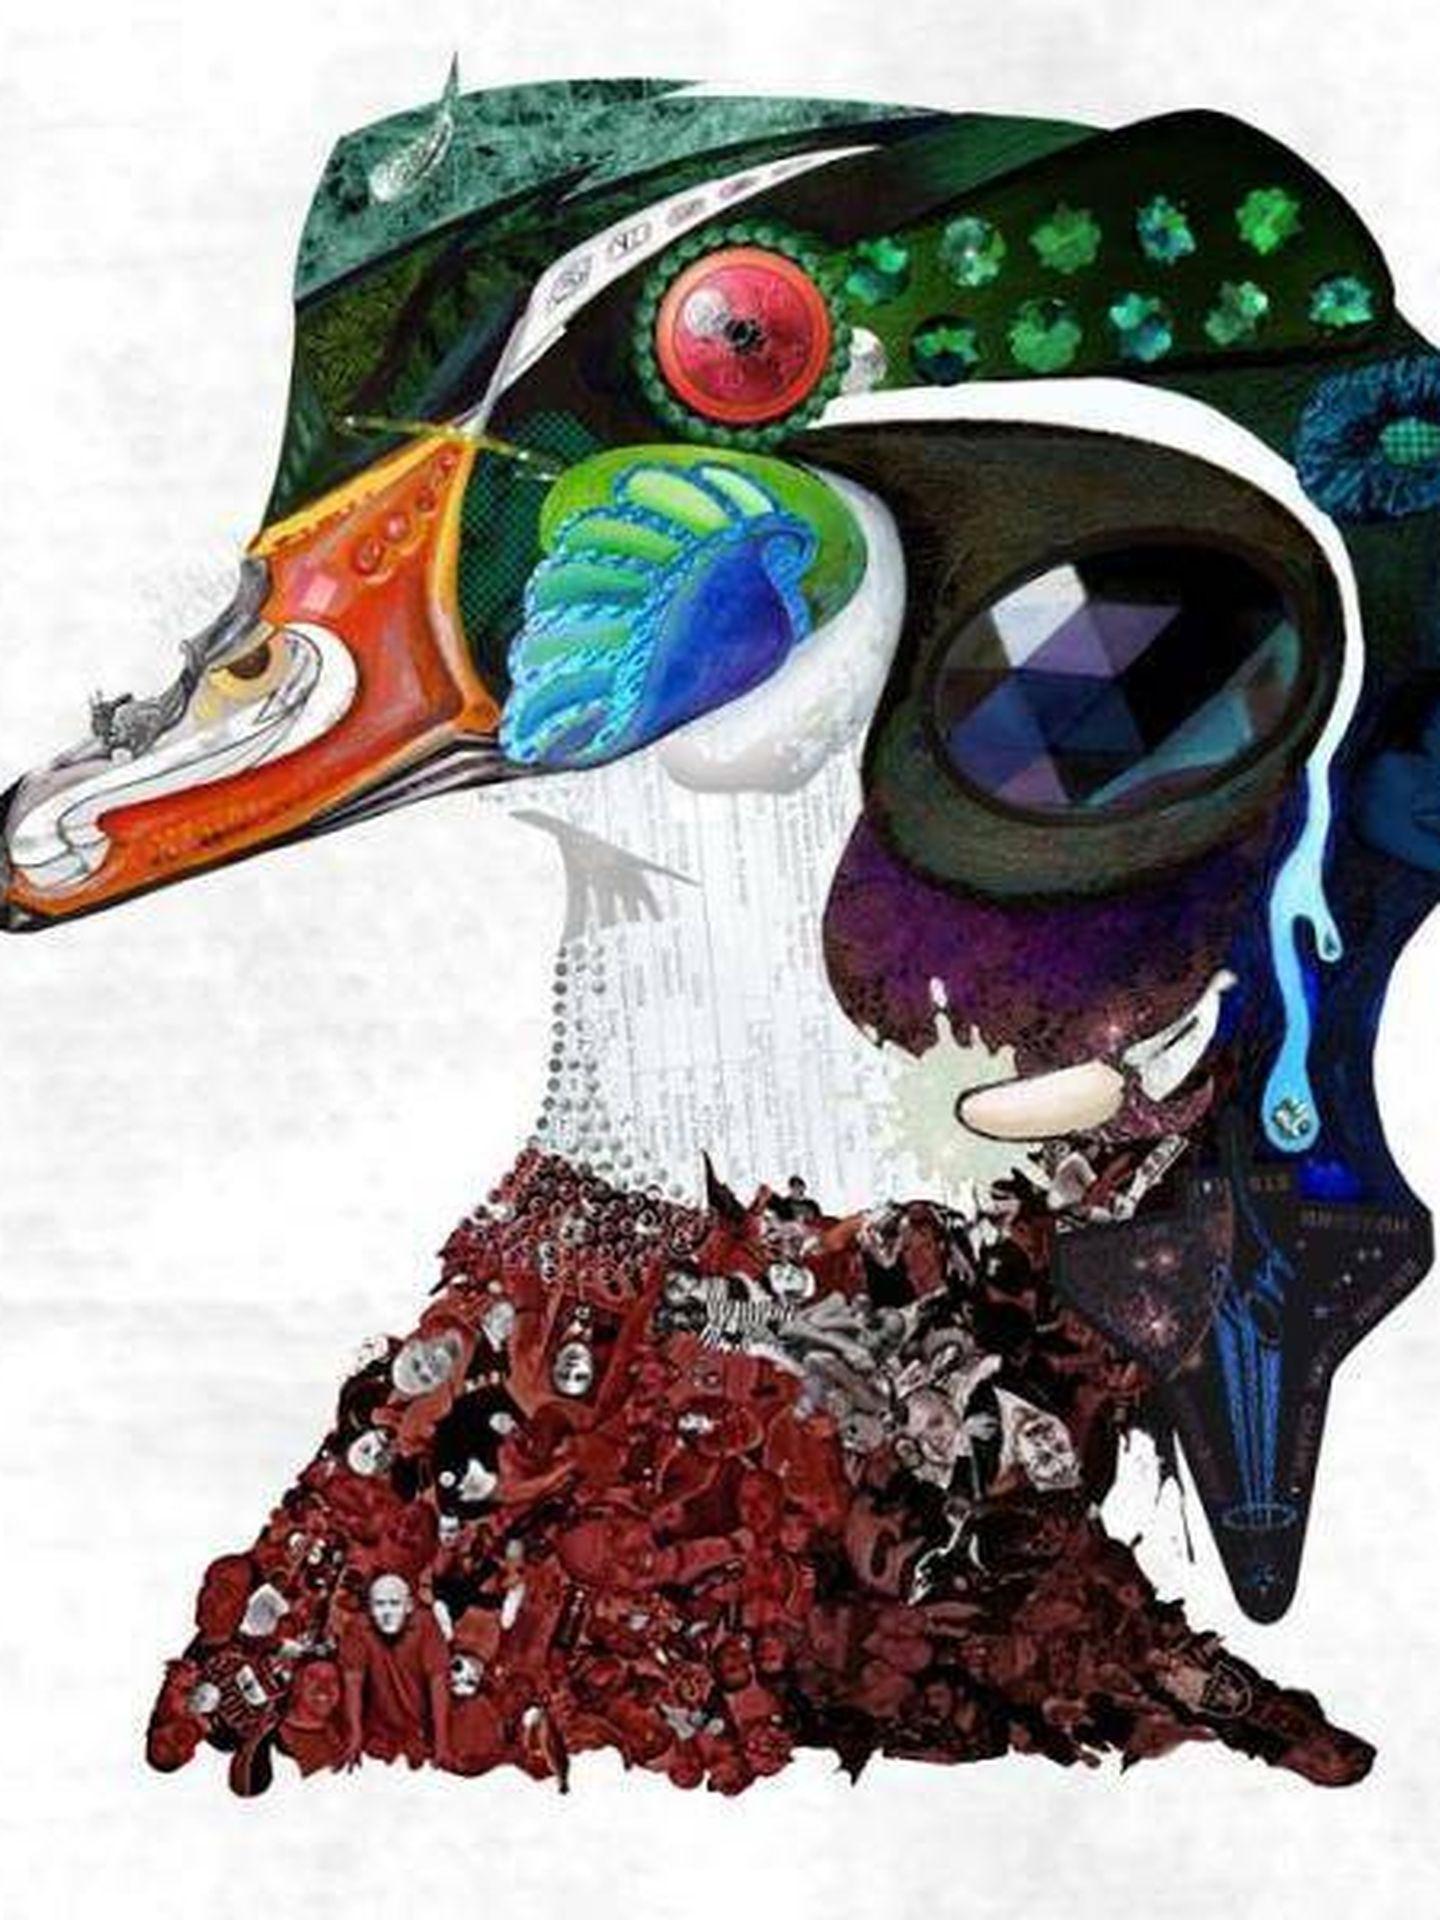 Creación de Rob McBroom, en la que el ojo del pato es un escudo de la URSS, el cuello es el certificado de nacimiento de Obama y el cuerpo del animal está compuesto por fotografías de Tim Taylor